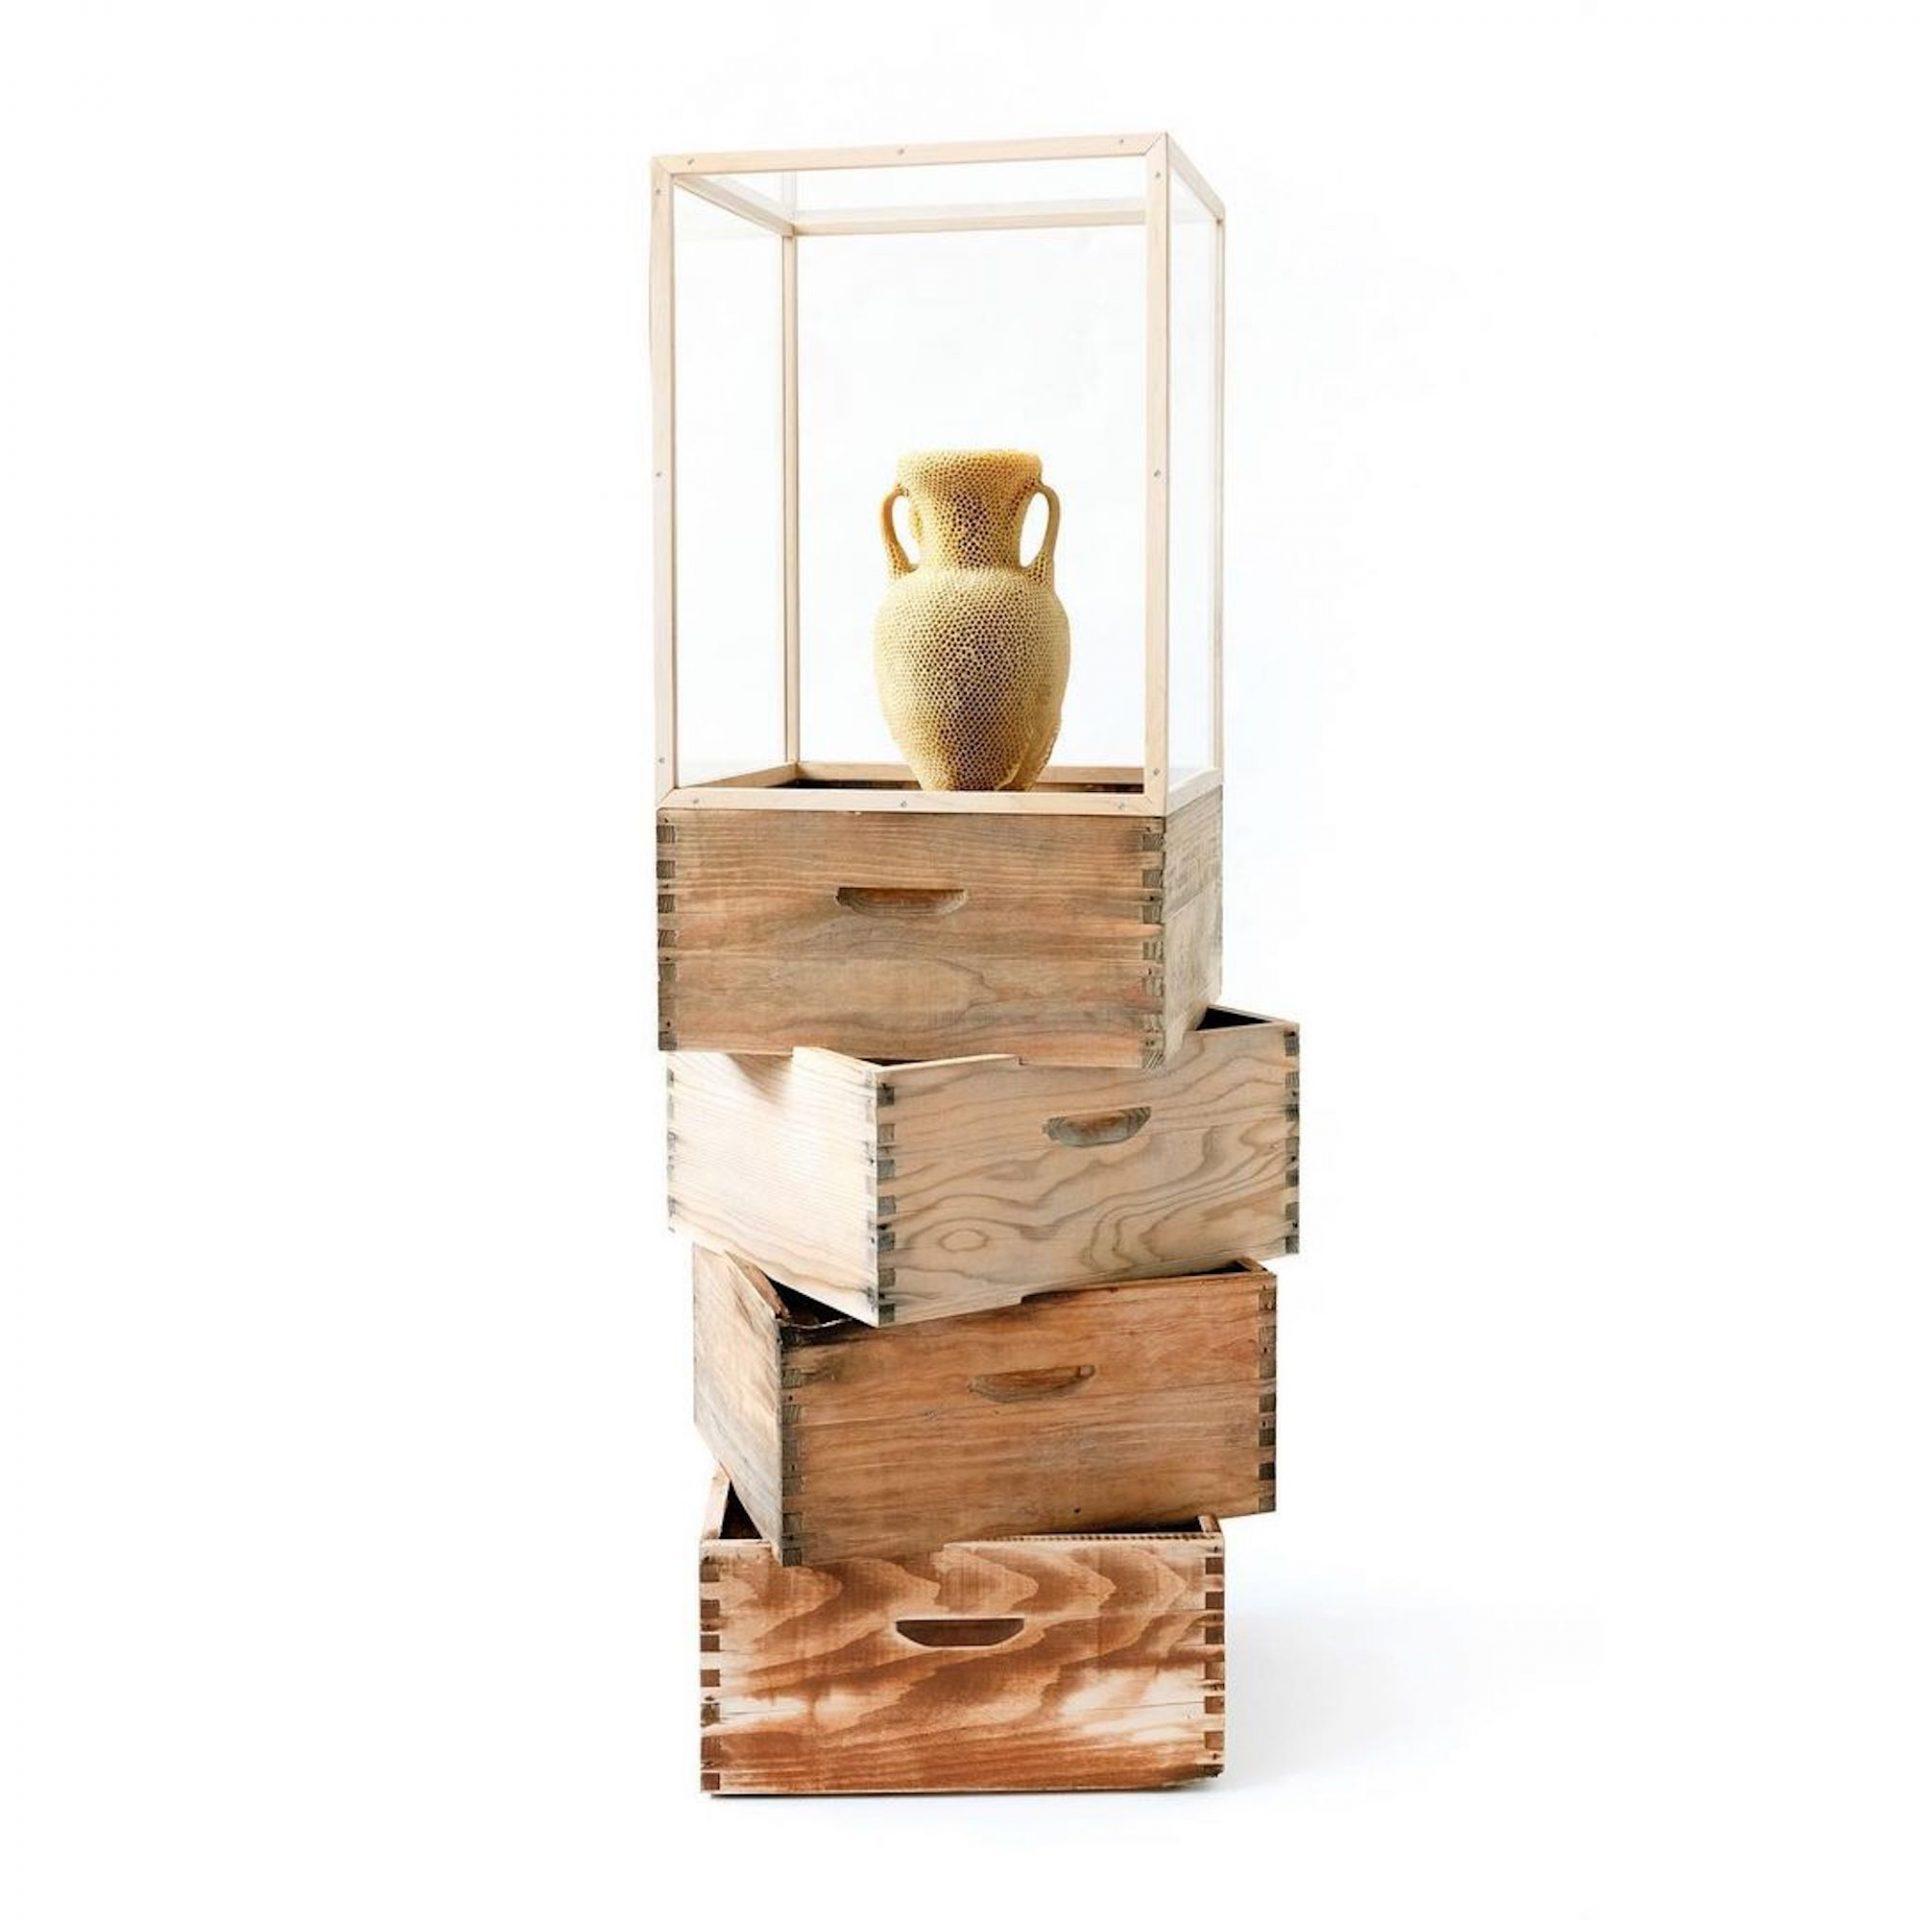 Une amphore sculptée en cire d'abeille par Tomáš Libertíny